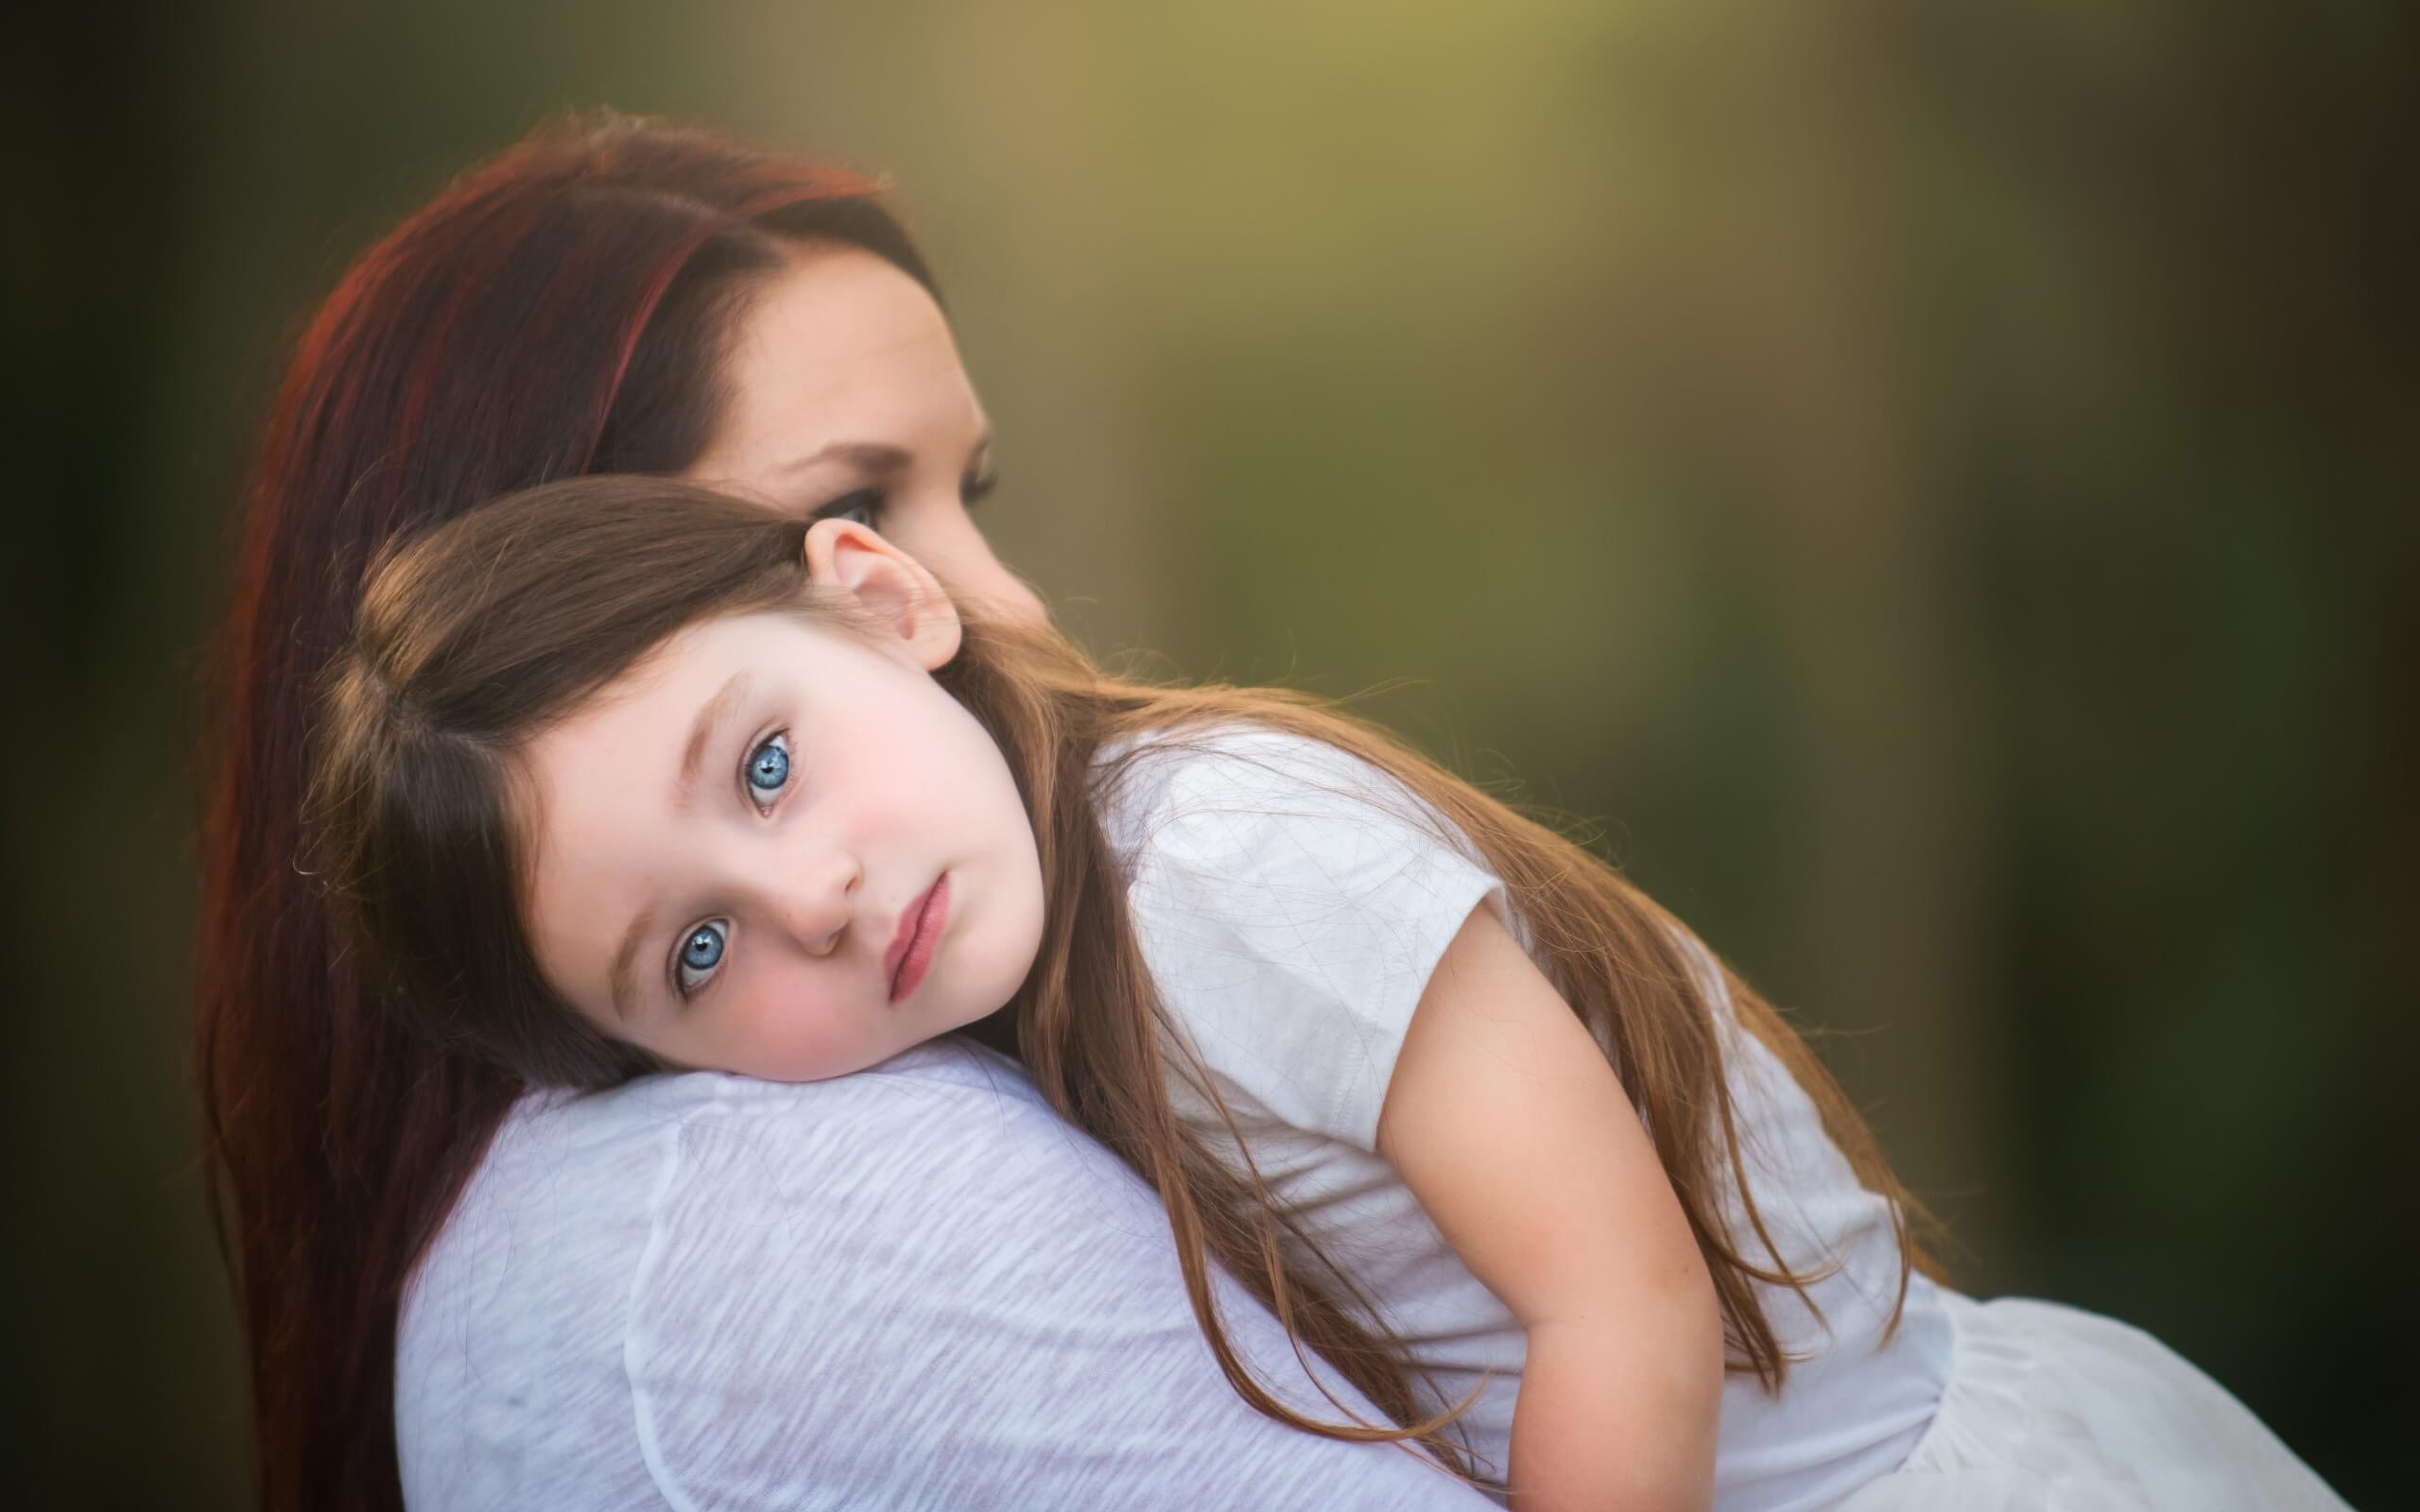 Какая полагается социальная помощь матерям-одиночкам